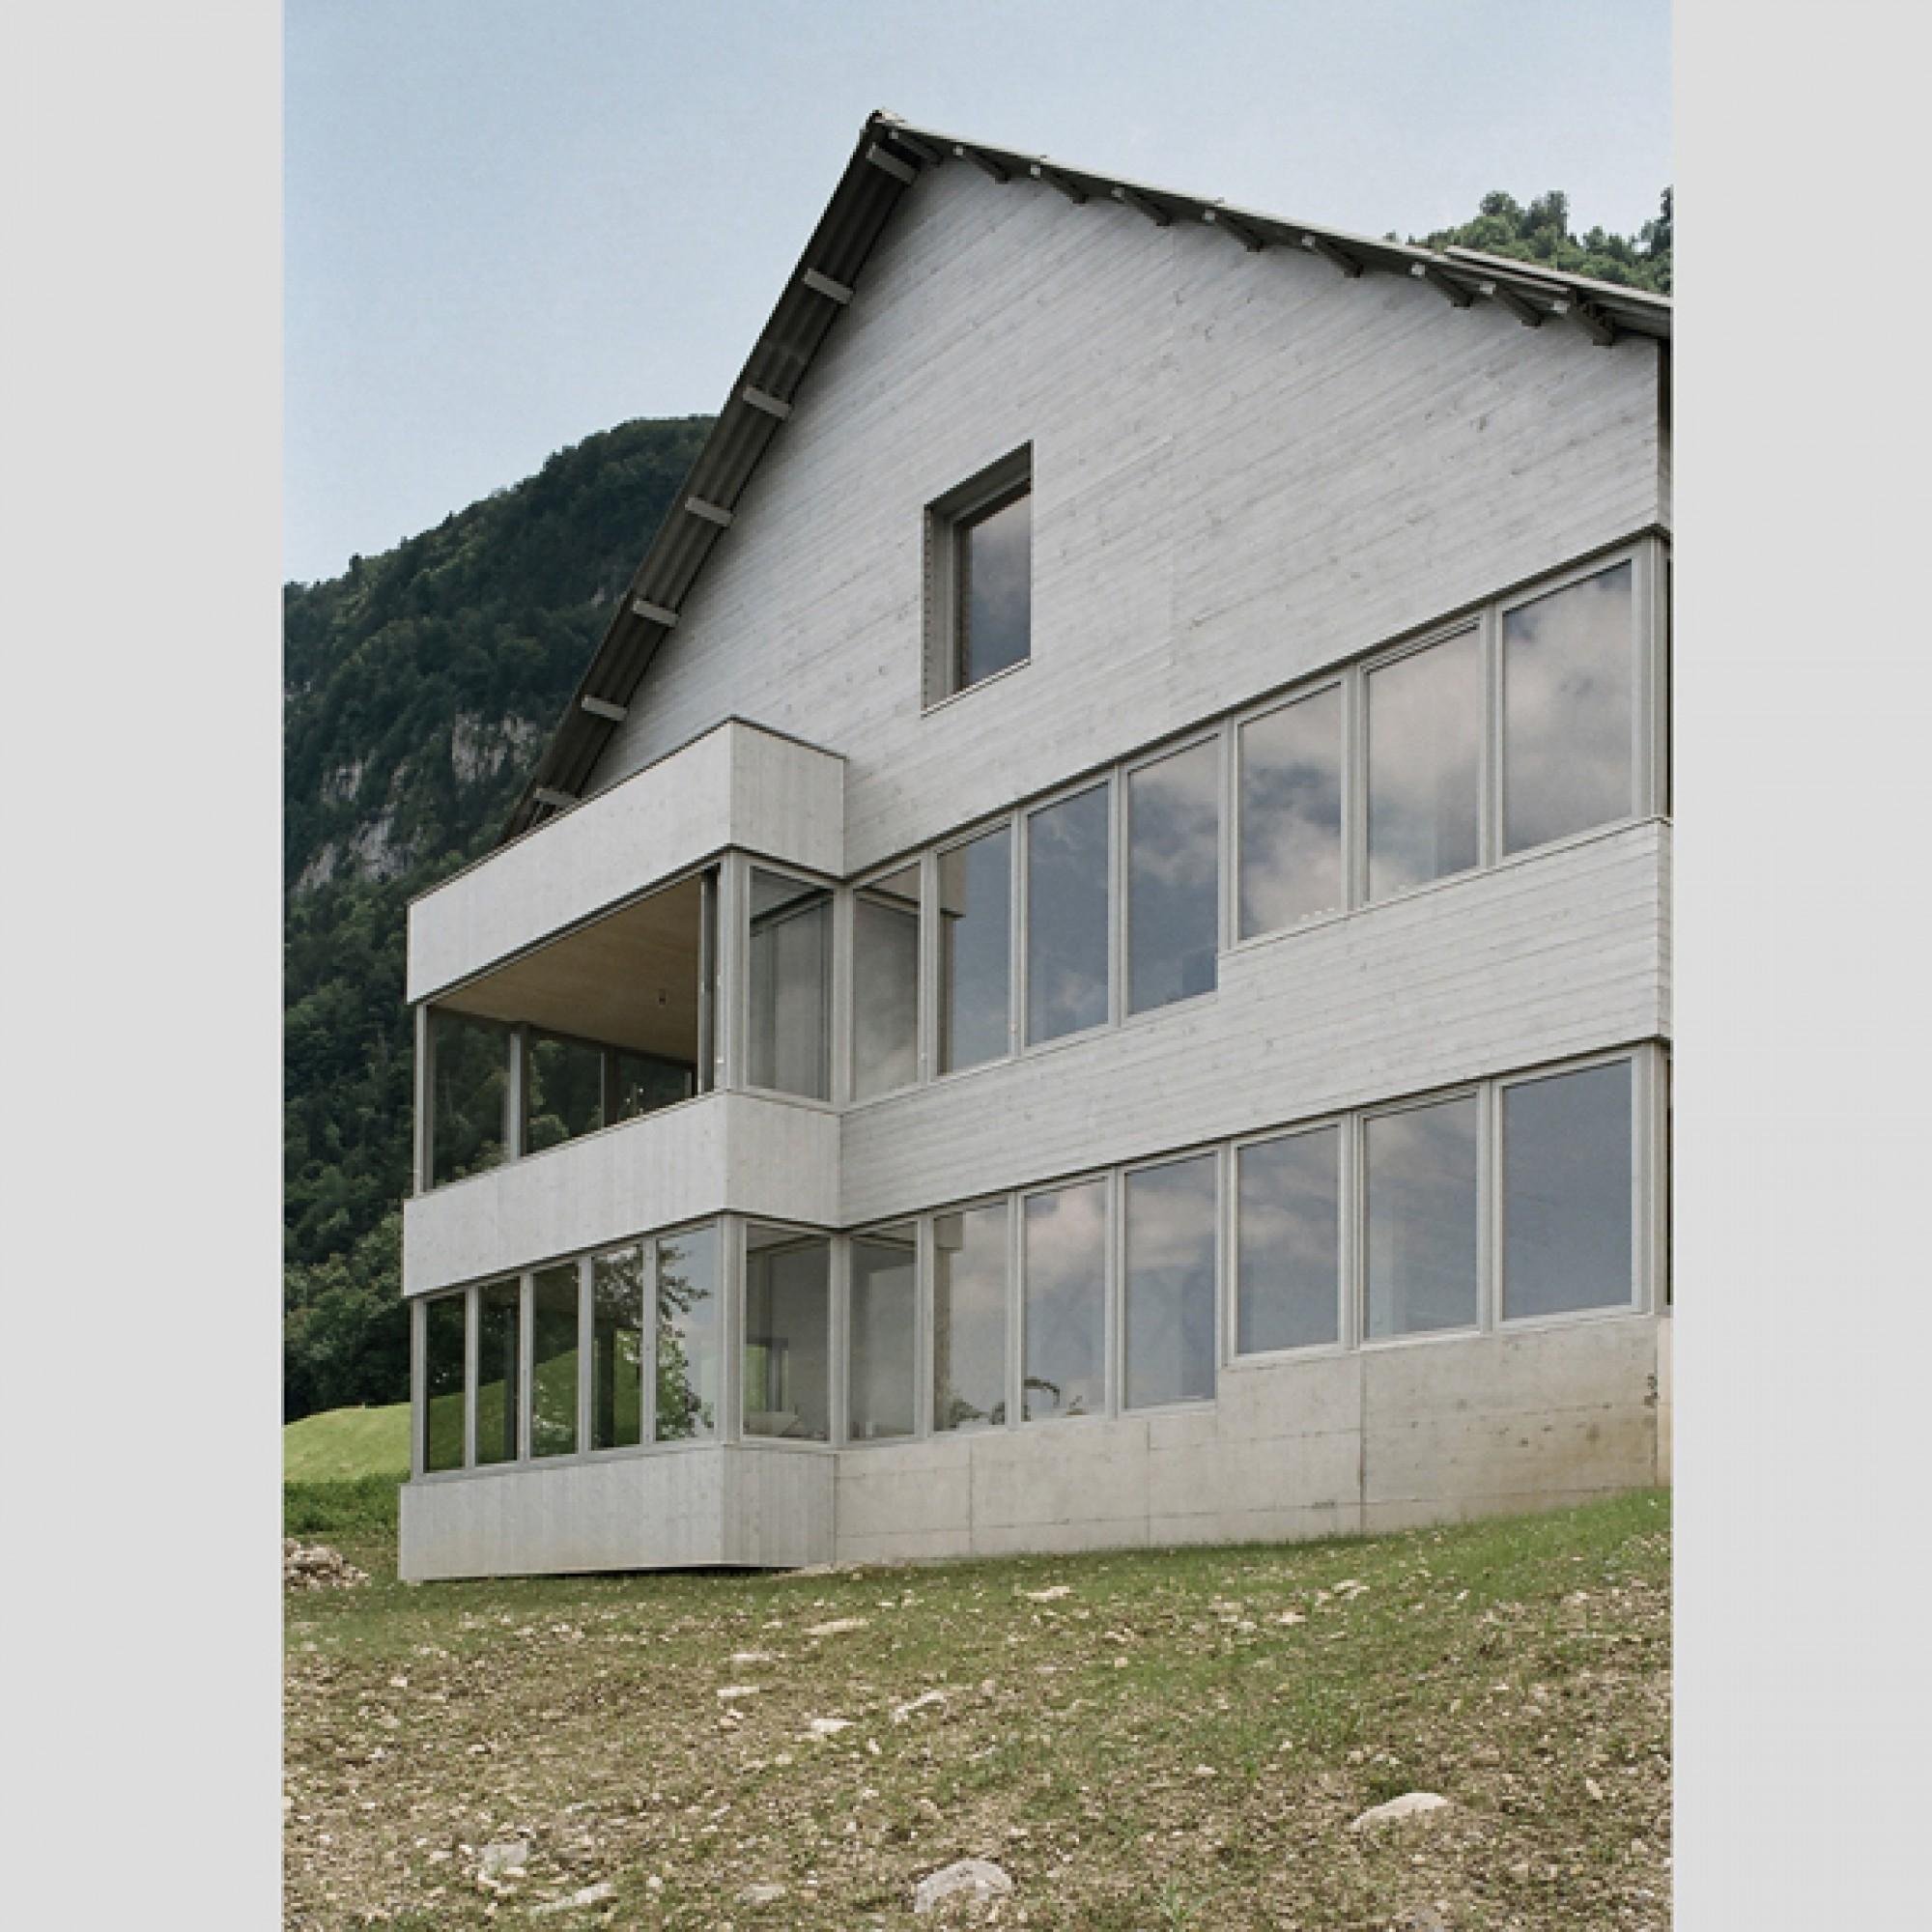 Wohnhaus Vorderberg, Kehrsiten; Architekt: Marco Merz, Basel; (zvg)